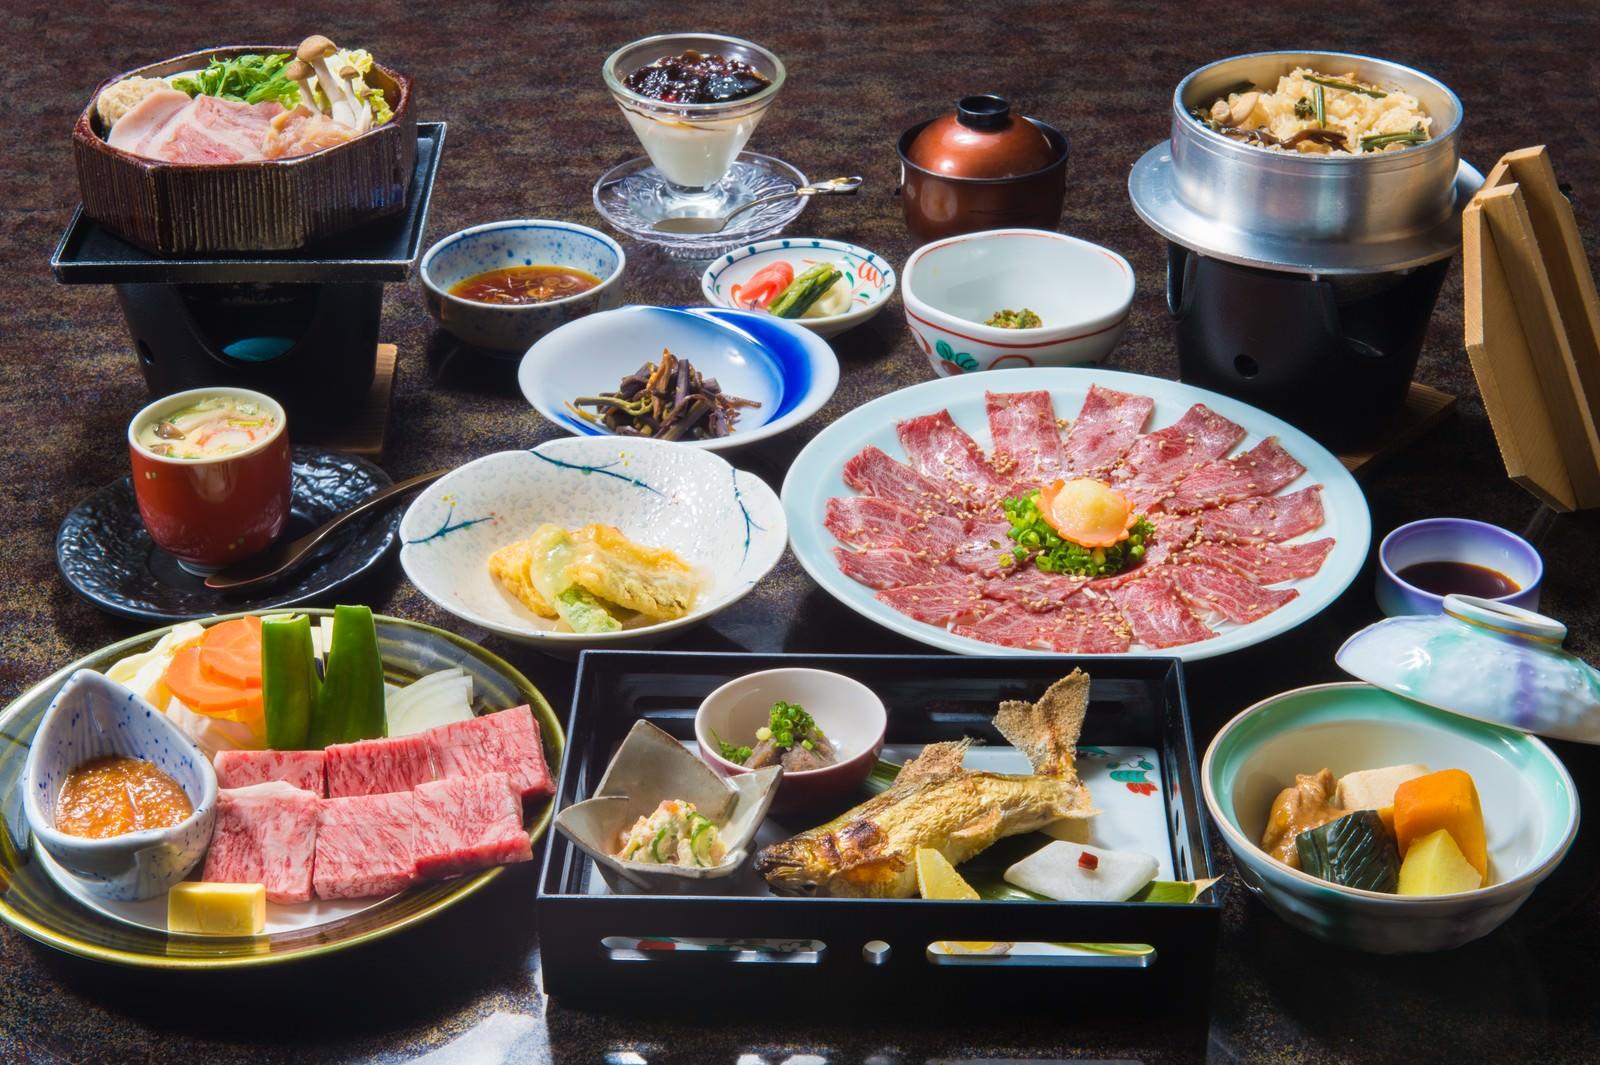 「奥飛騨エリアで最高評価の料理宿「栄太郎」の飛騨牛サーロインがついてくる夕食」の写真